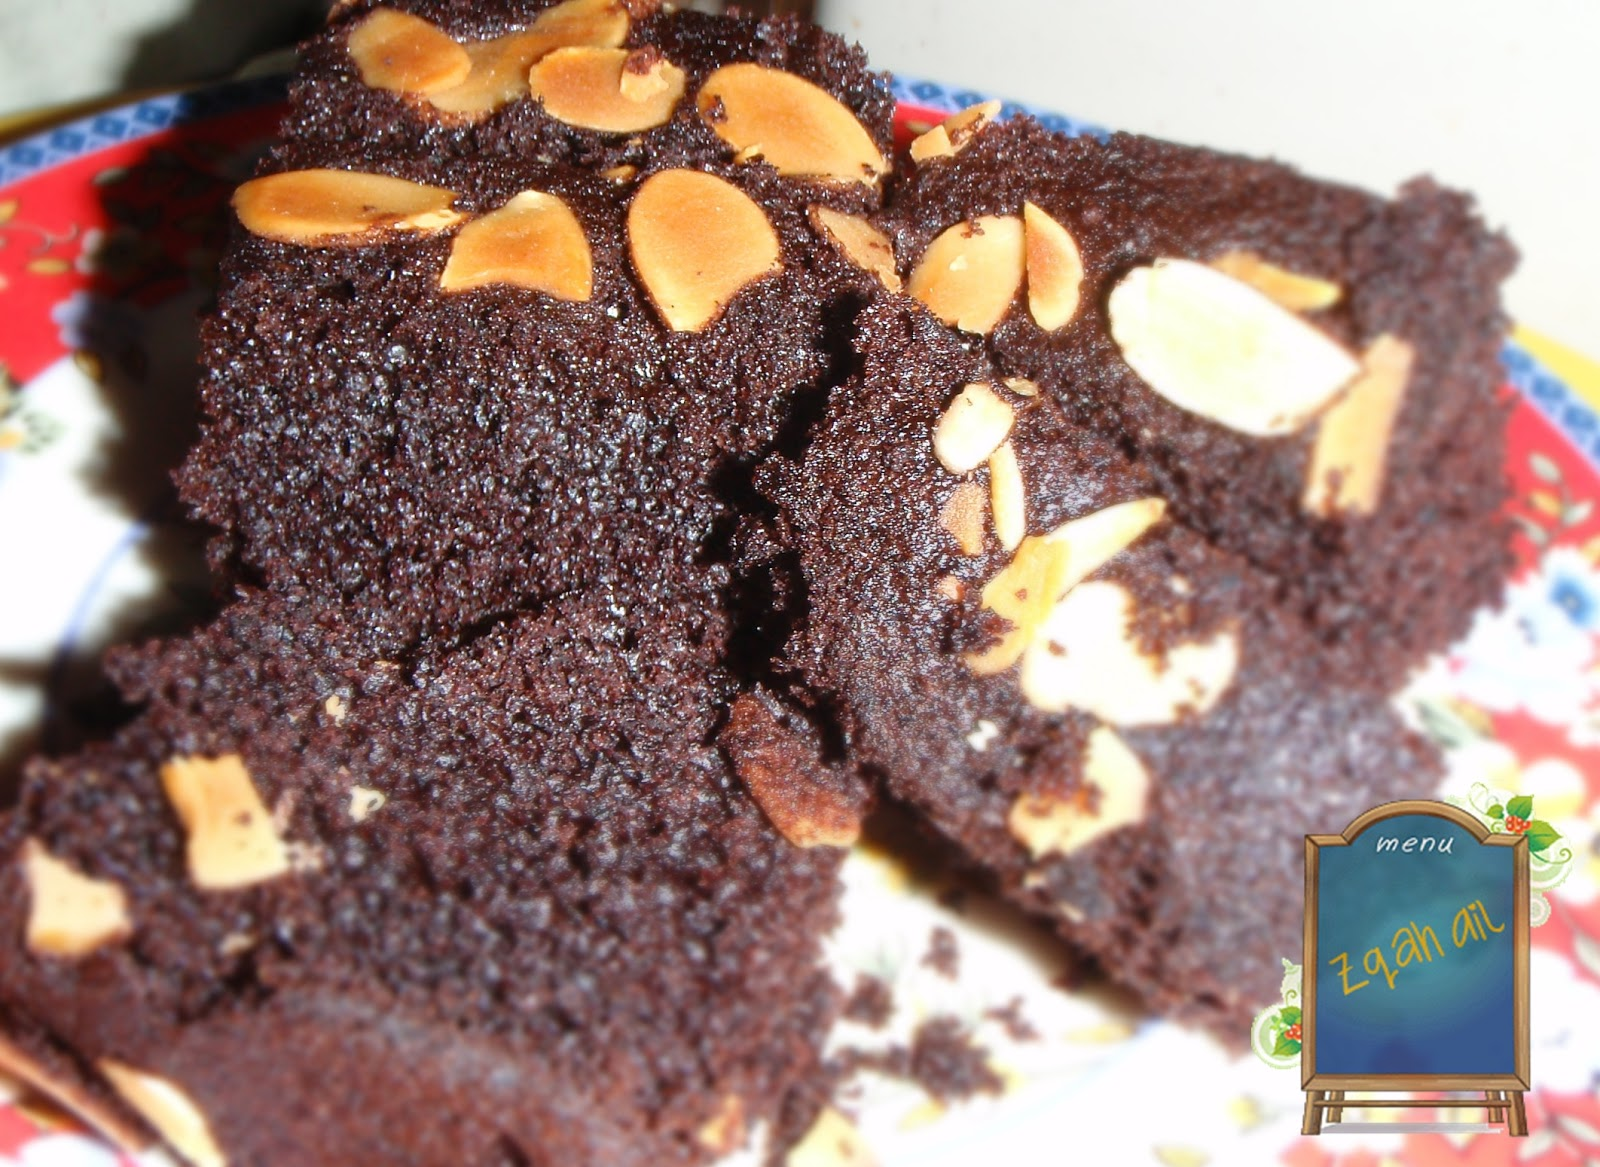 resepi kek kukus mudah foto bugil bokep Resepi Kek Coklat Vico Enak dan Mudah